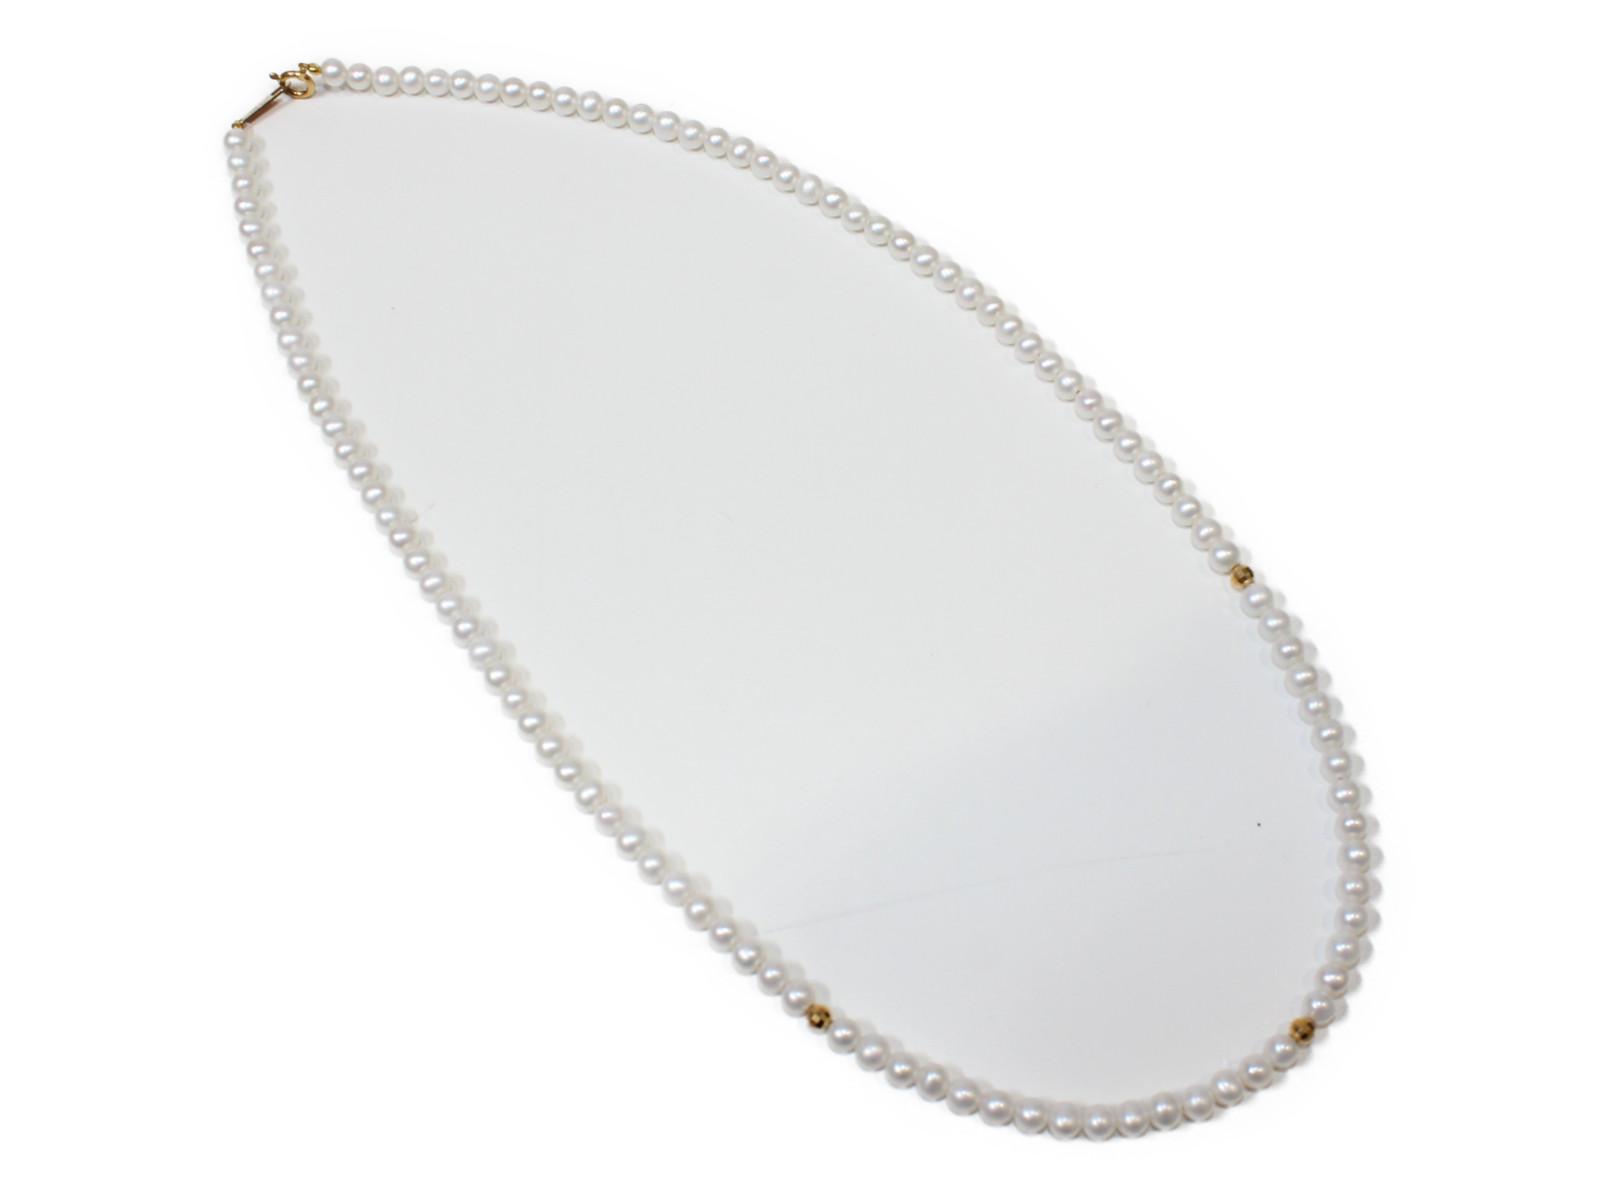 ミニ真珠ネックレスK18 真珠 42cmカワイイ シンプル ギフト包装可【中古】